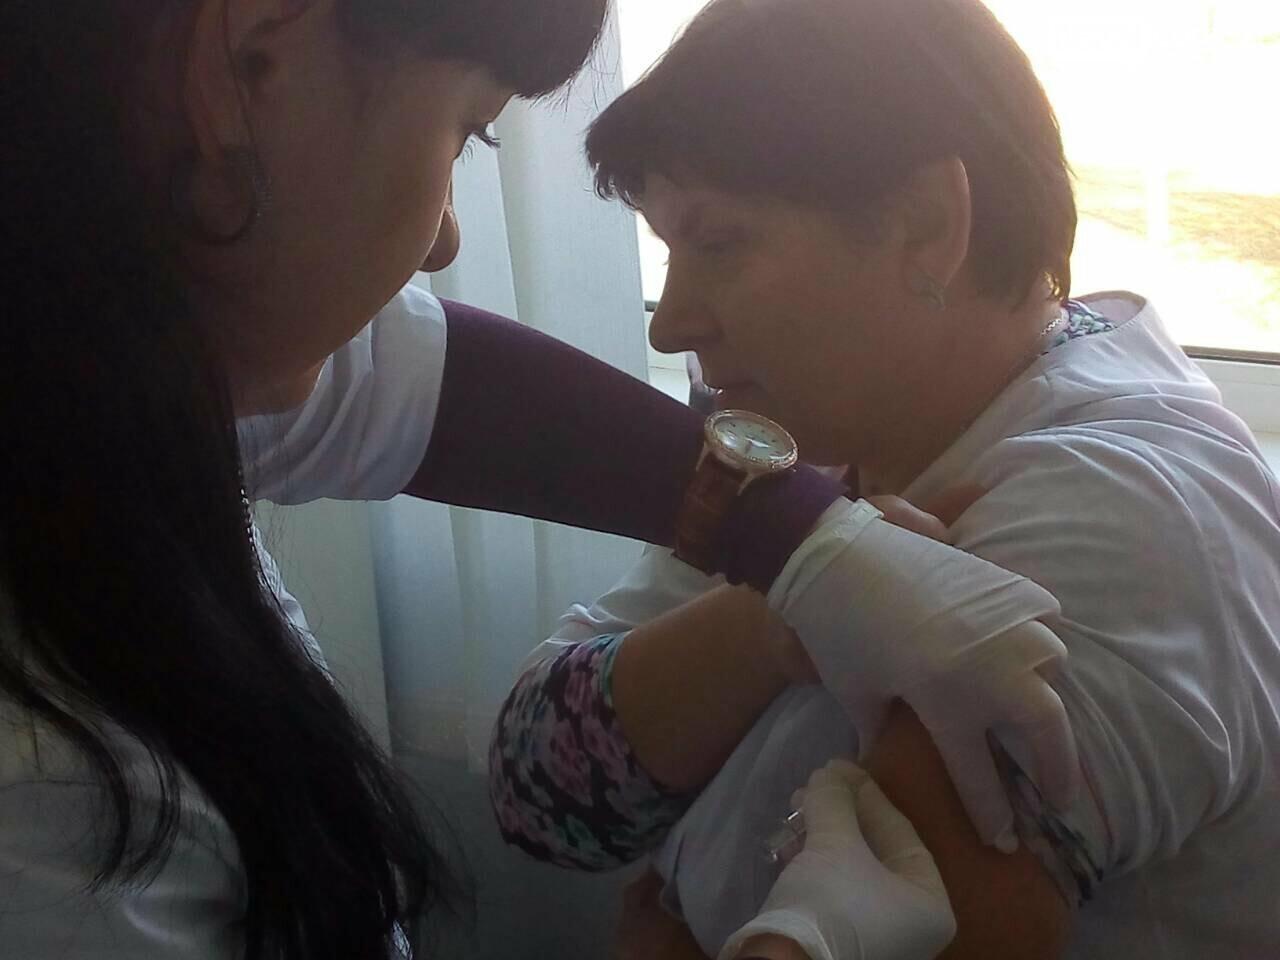 Медицинские работники «первички» Бахмута готовятся к эпидемическому сезону гриппа, фото-5